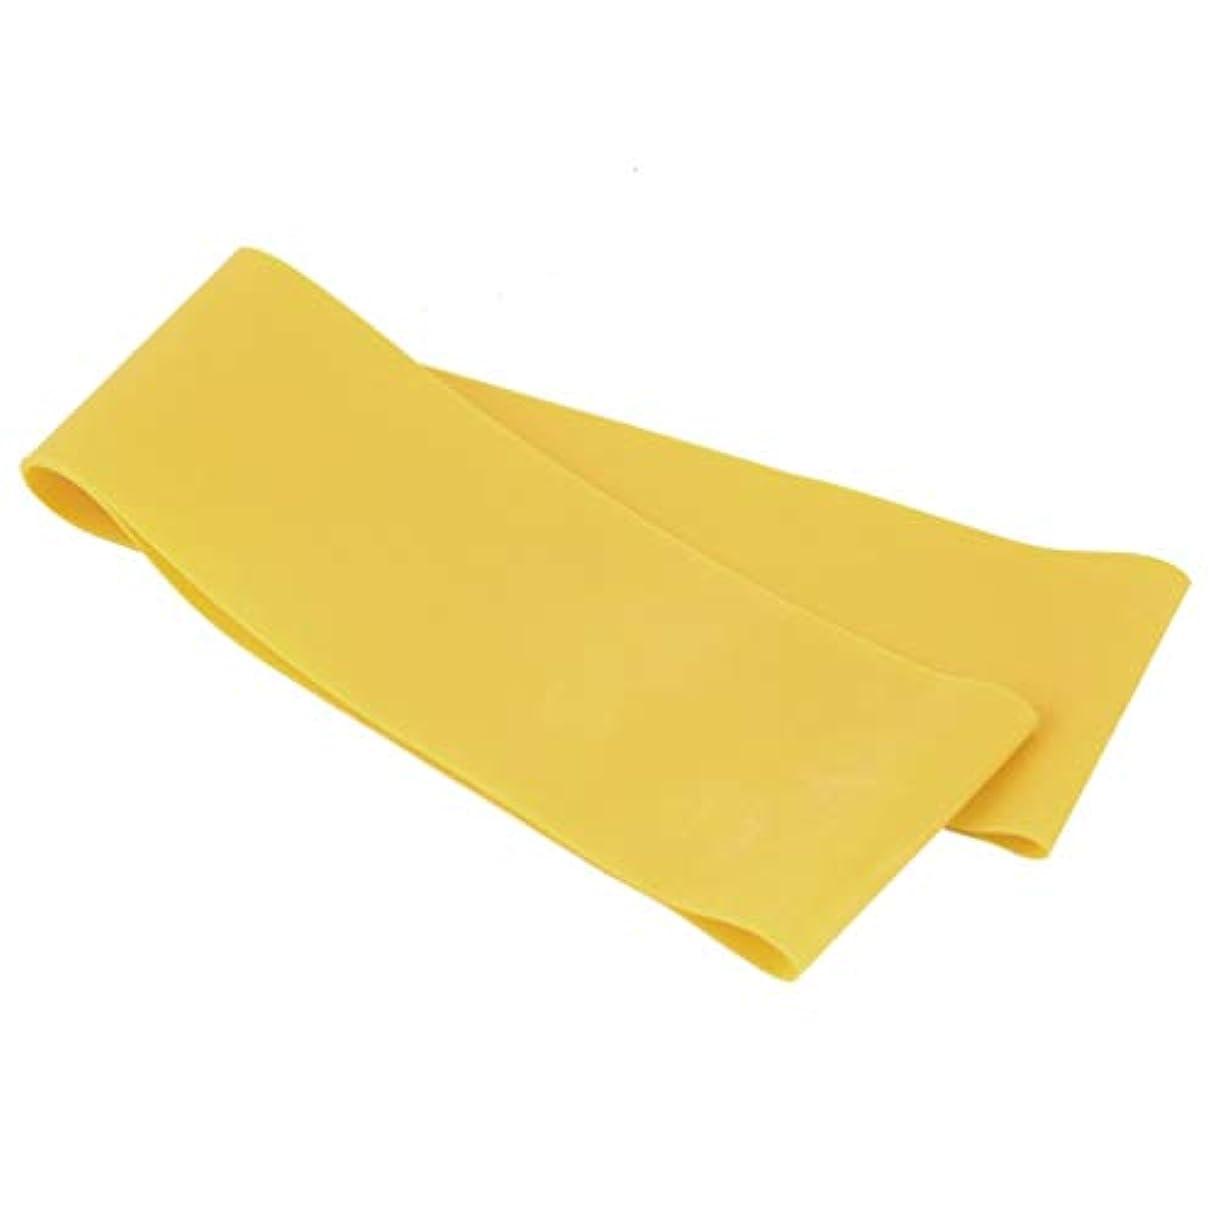 羨望ミリメーターレビュアー滑り止めの伸縮性のあるゴム製伸縮性があるヨガのベルトバンド引きロープの張力抵抗バンドループ強さのためのフィットネスヨガツール - 黄色